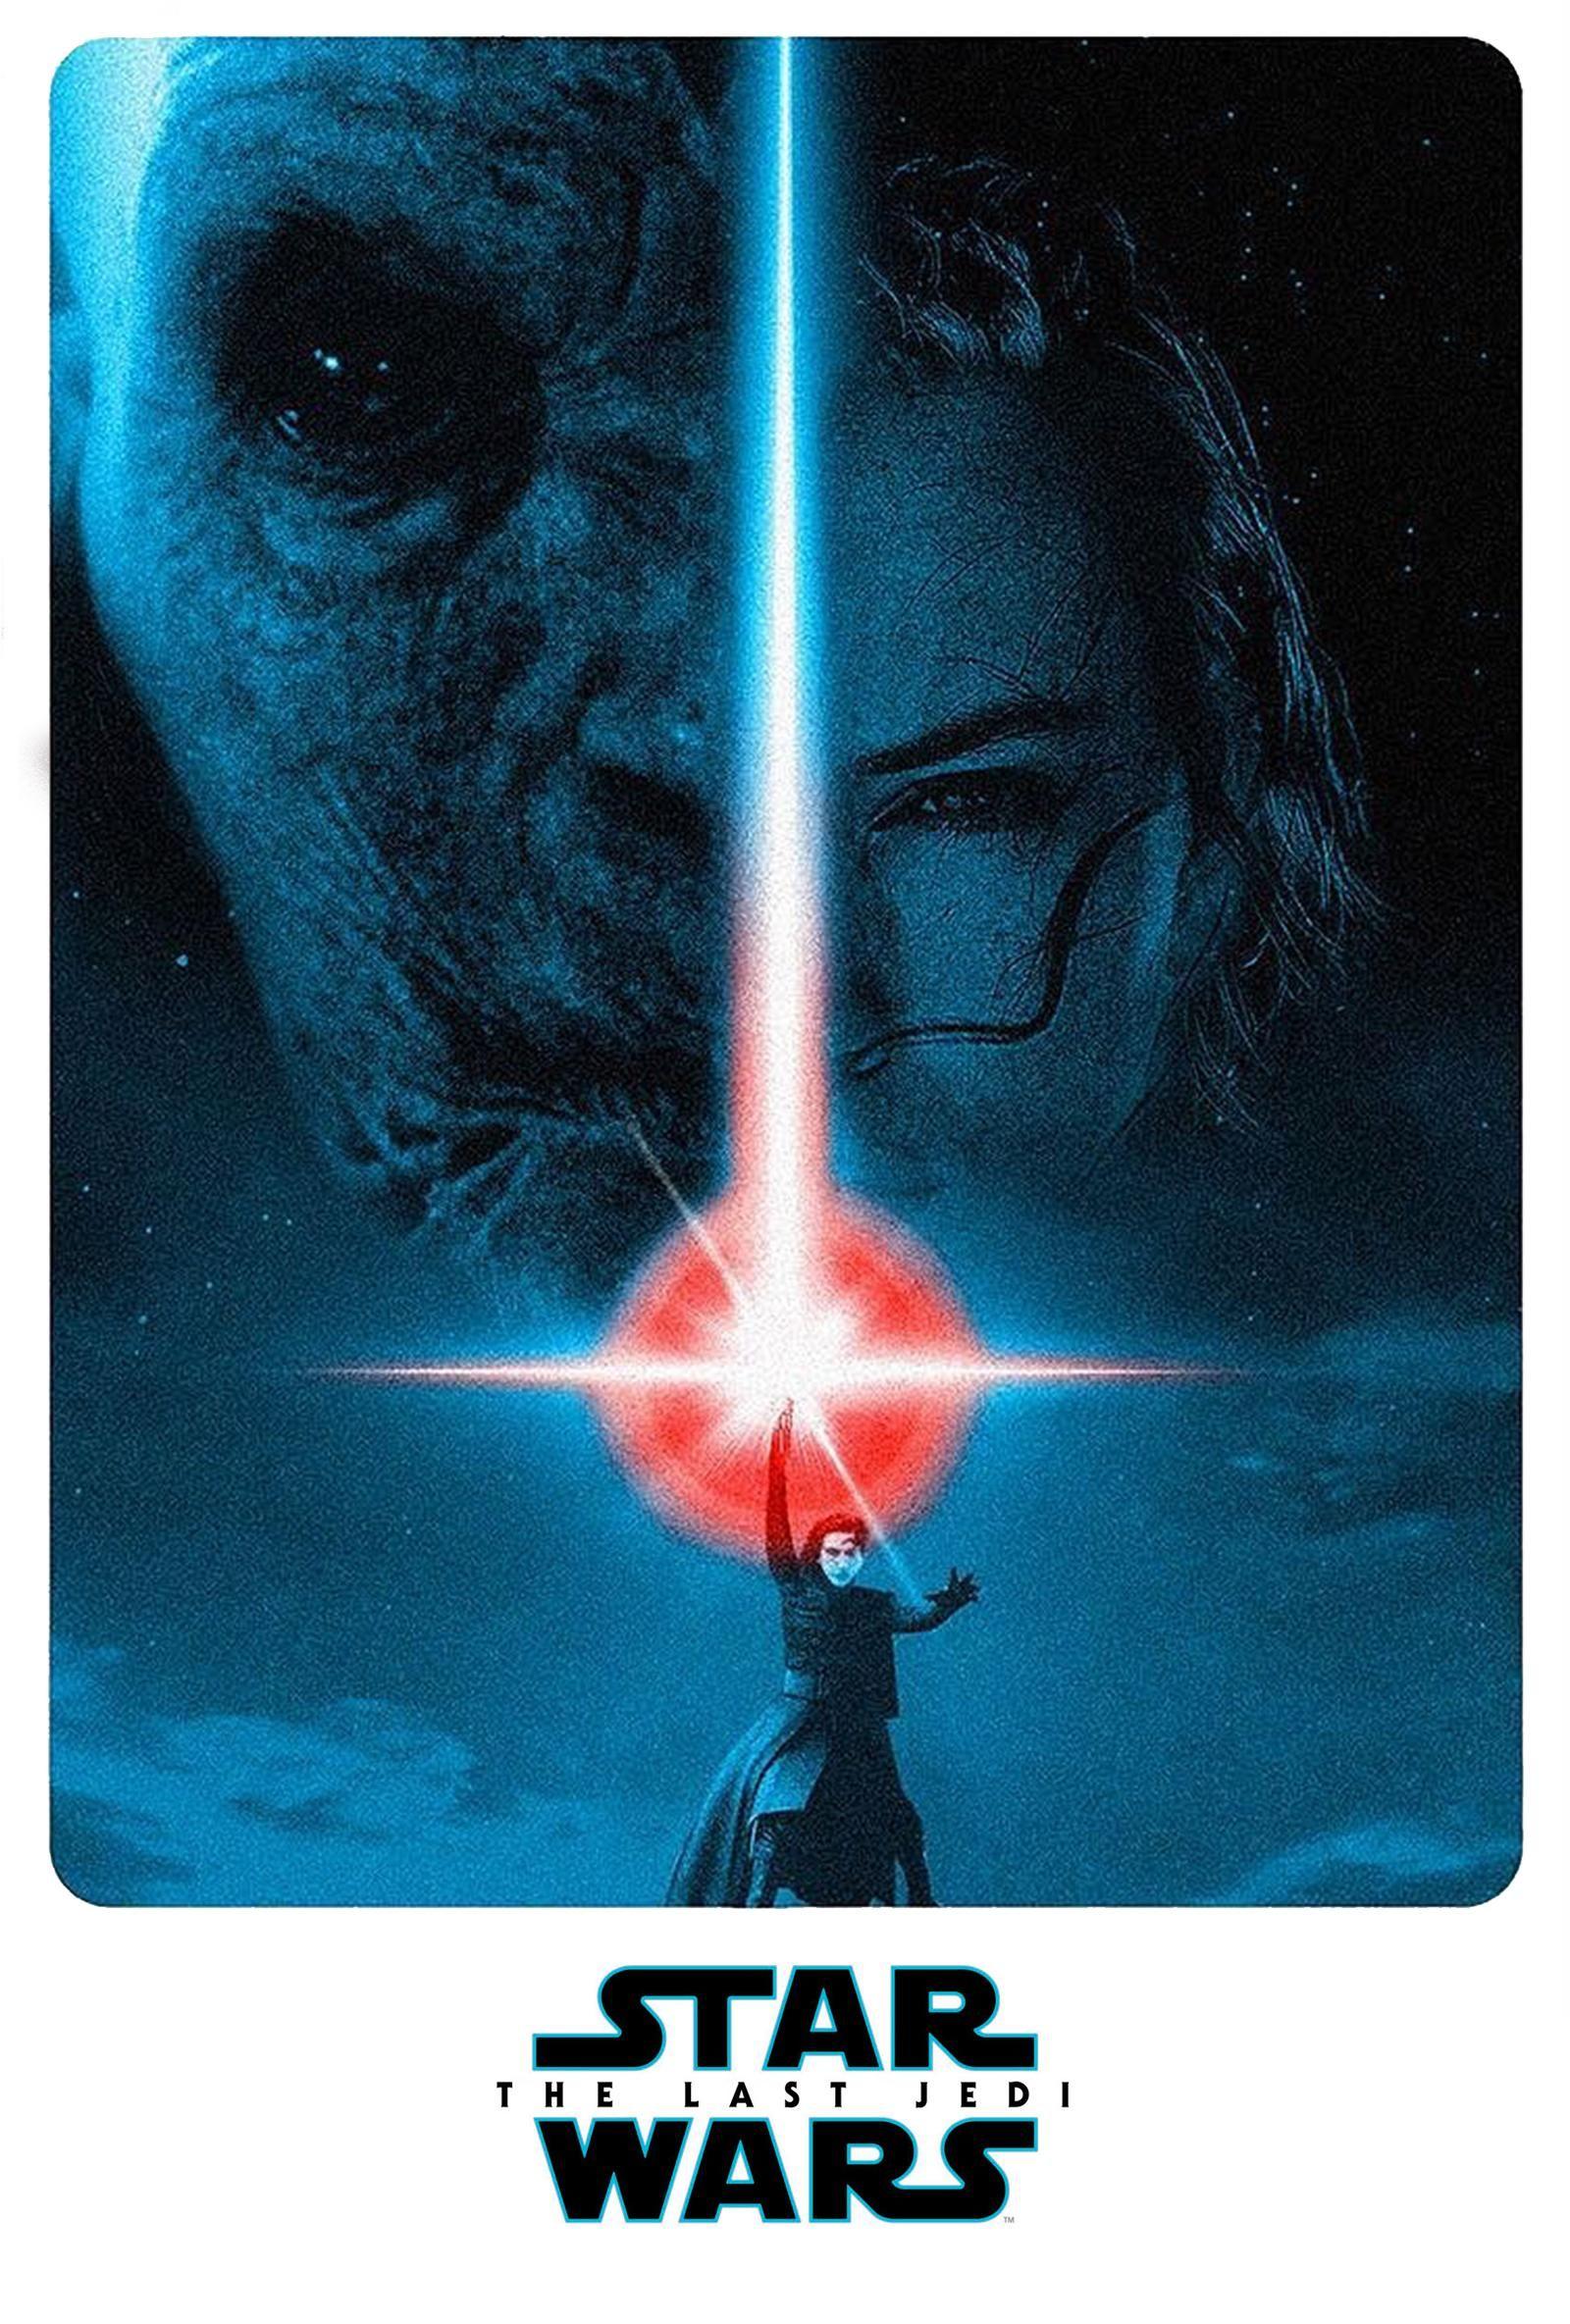 Alternate Version Of The Last Jedi Poster Artwork By Troy Millhoupt Http Ift Tt 2pxqalg Timbeta Star Wars Watch Star Wars Nerd Star Wars Episodes